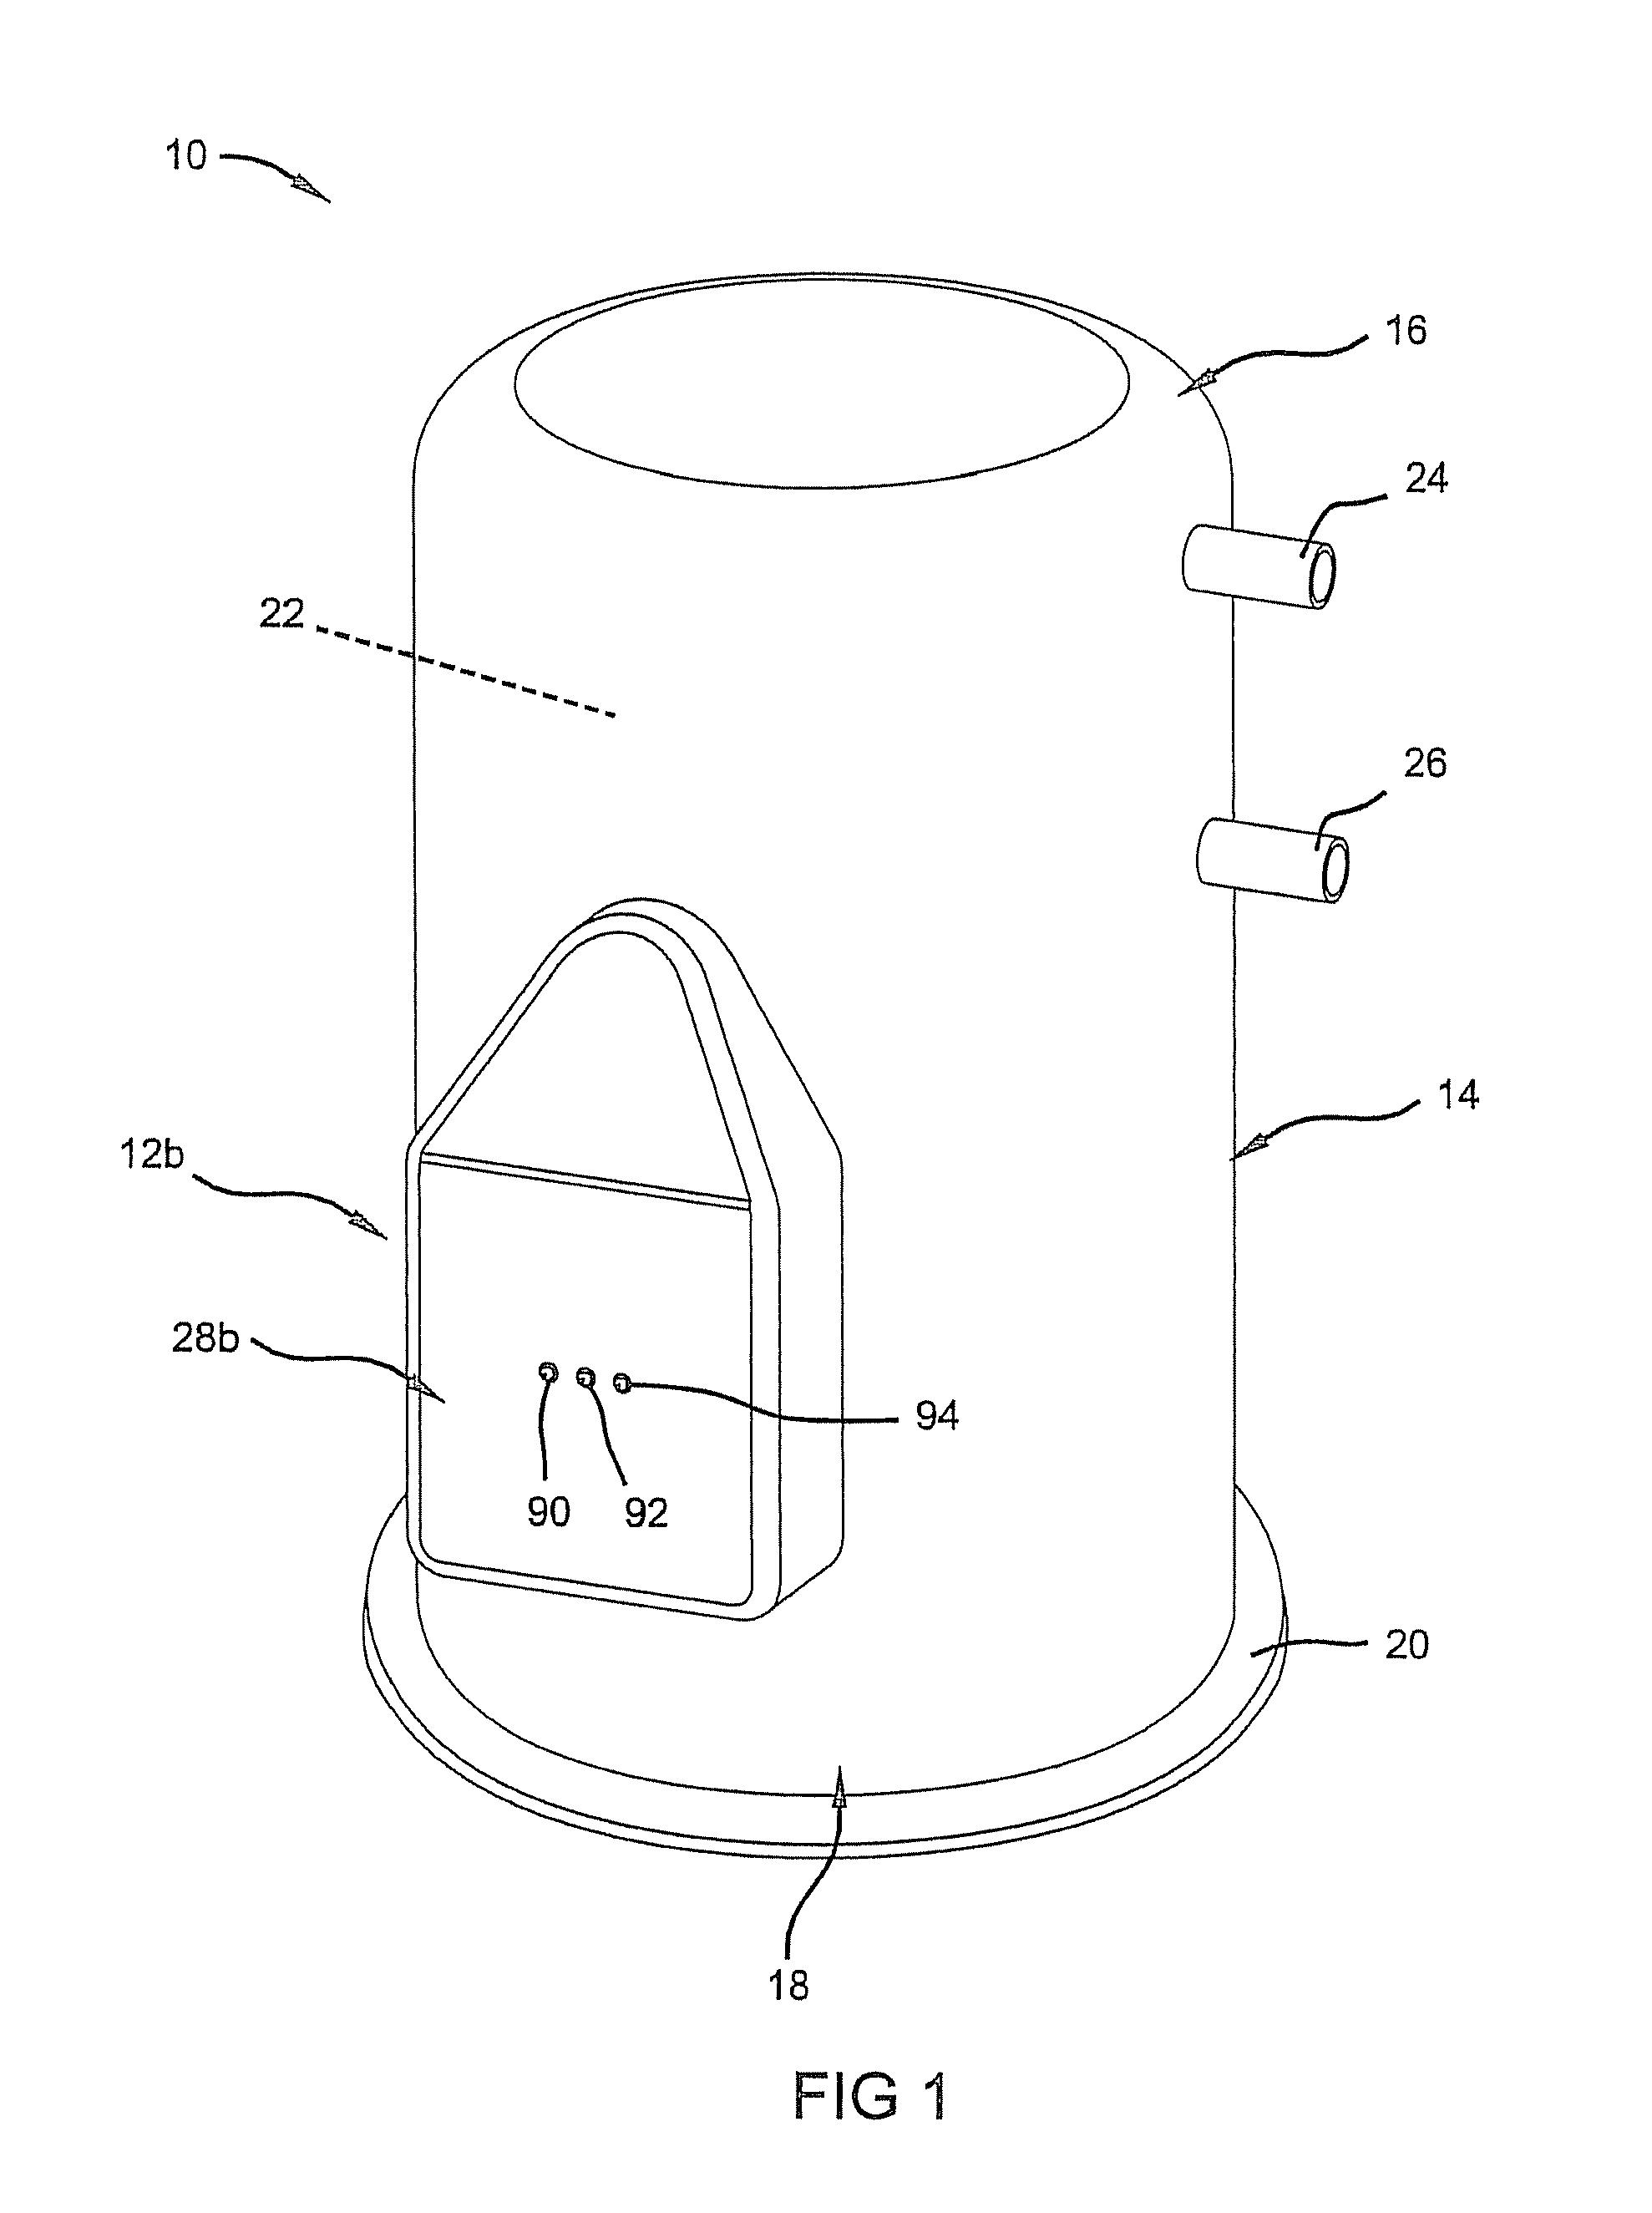 patent us 9 669 498 b2 Patton Heater Coils patent images patent images